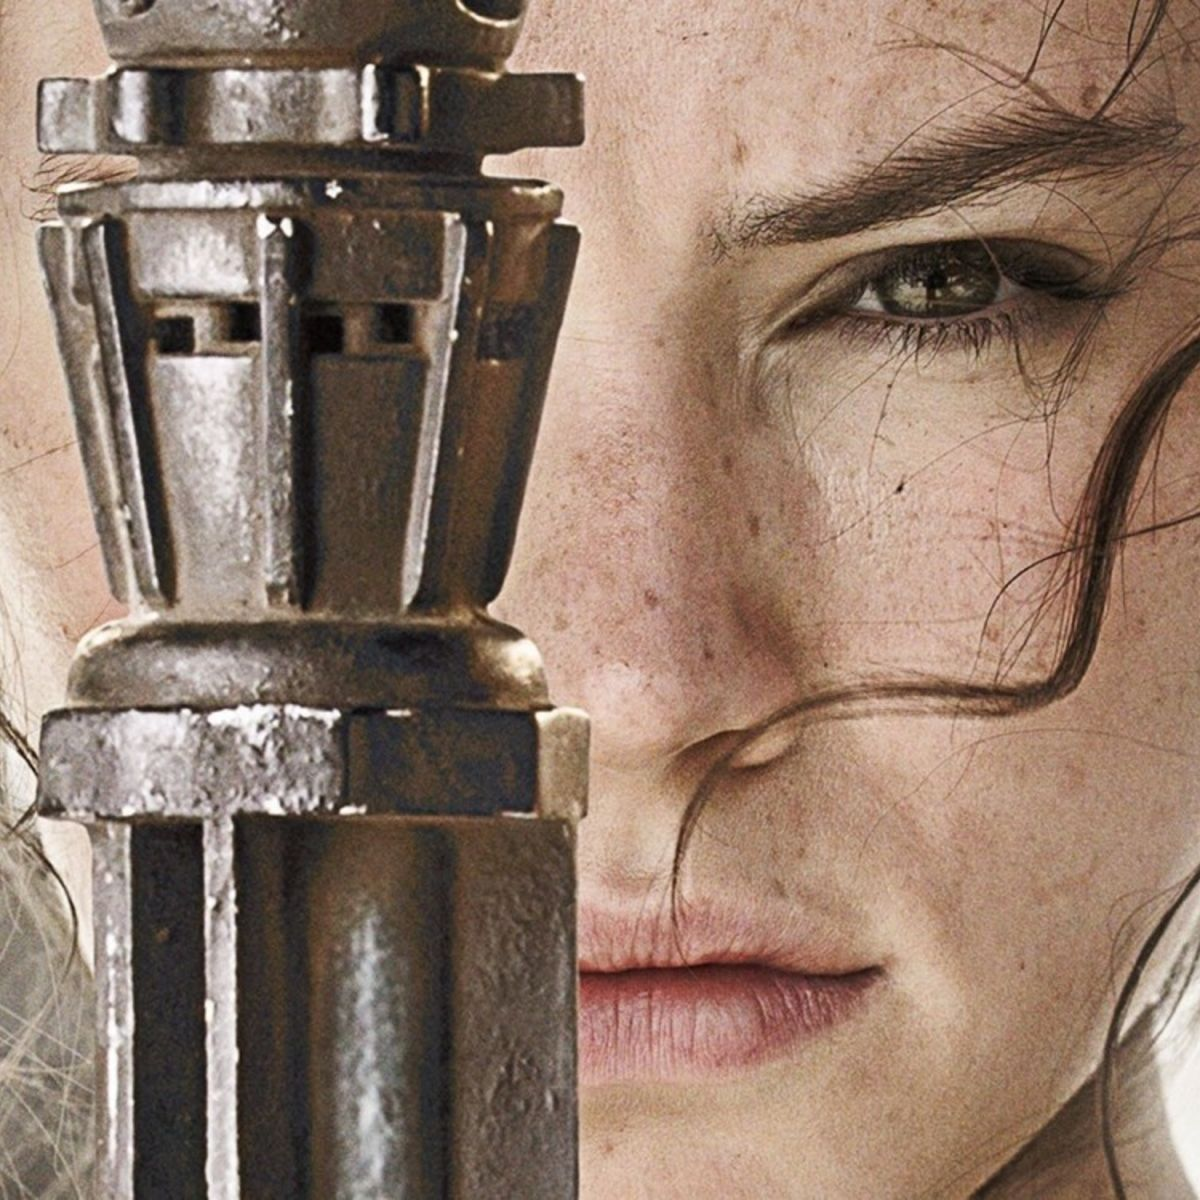 Rey-face-1200x750.jpg